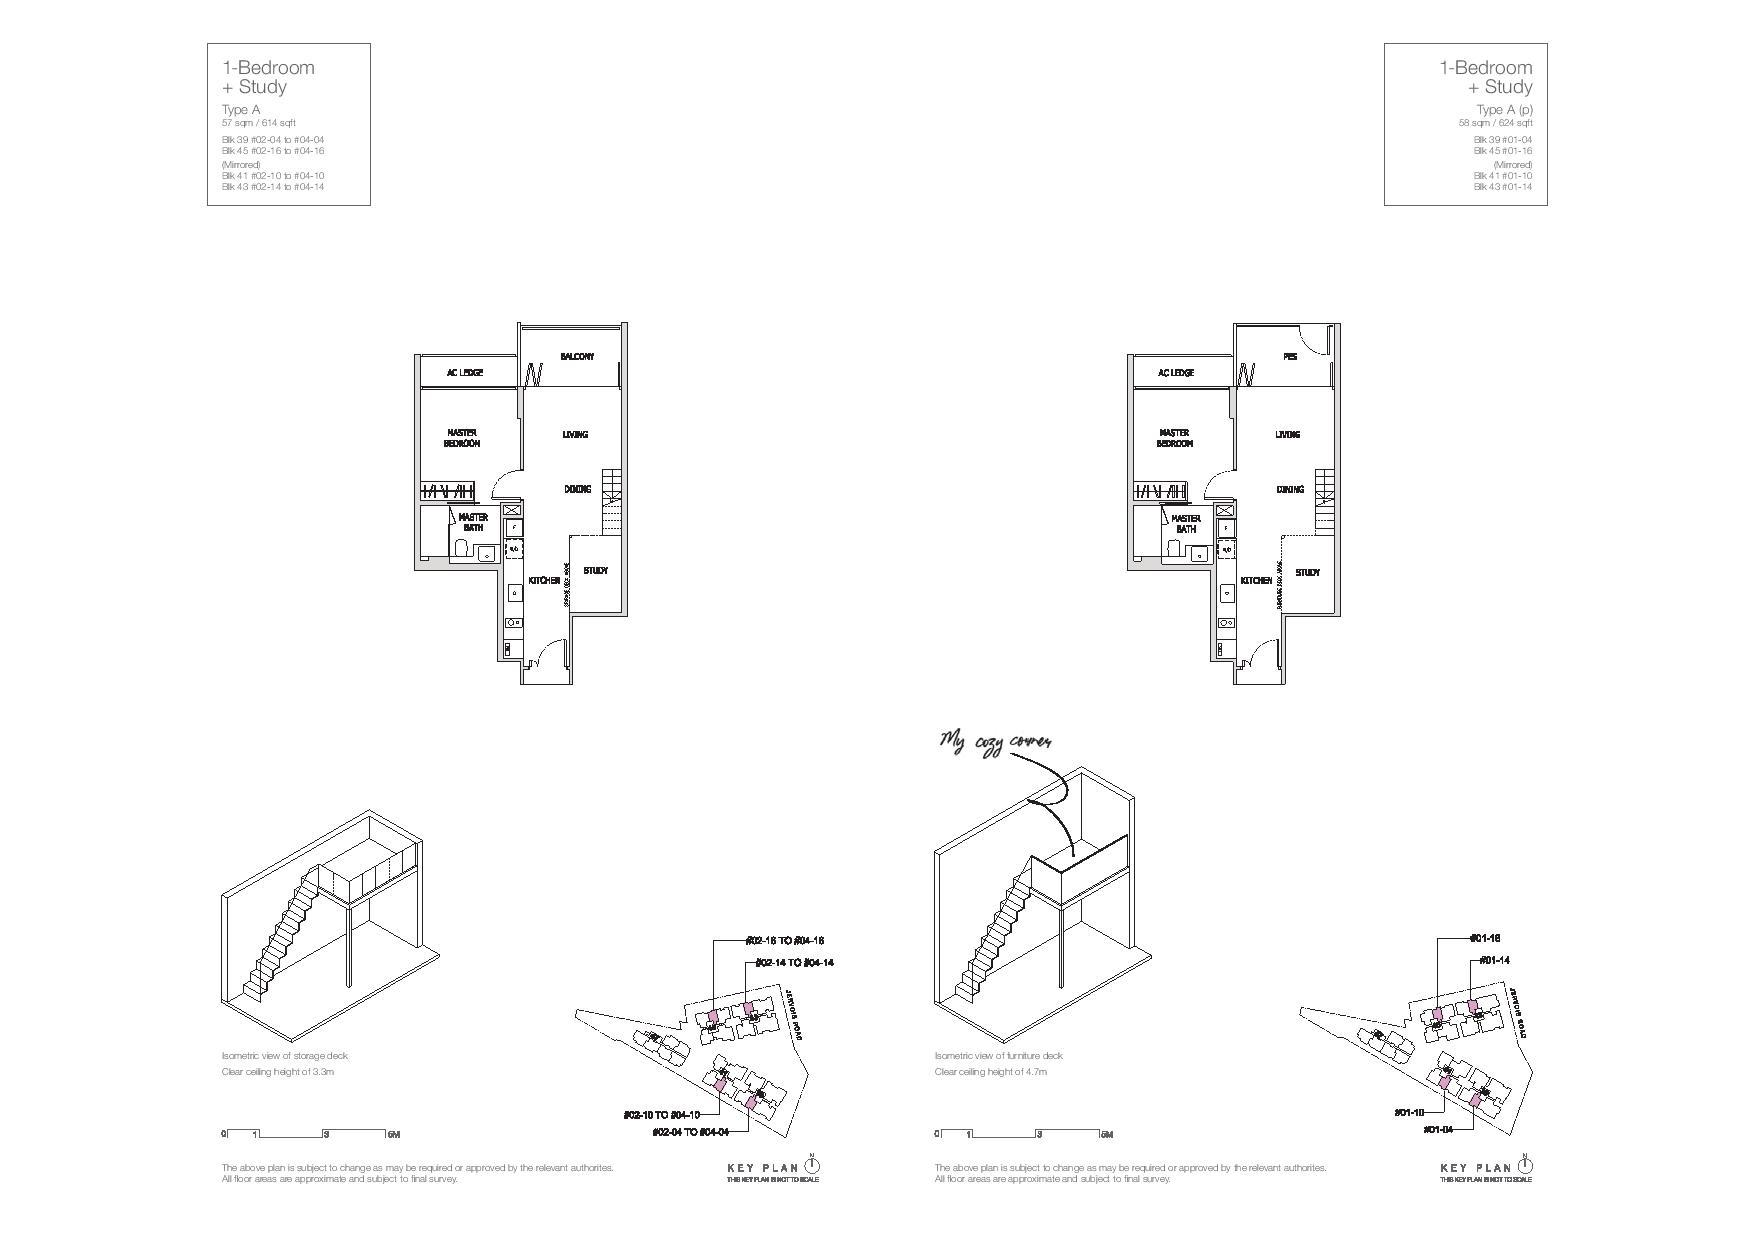 Mon Jervois 1 Bedroom + Study Floor Plans